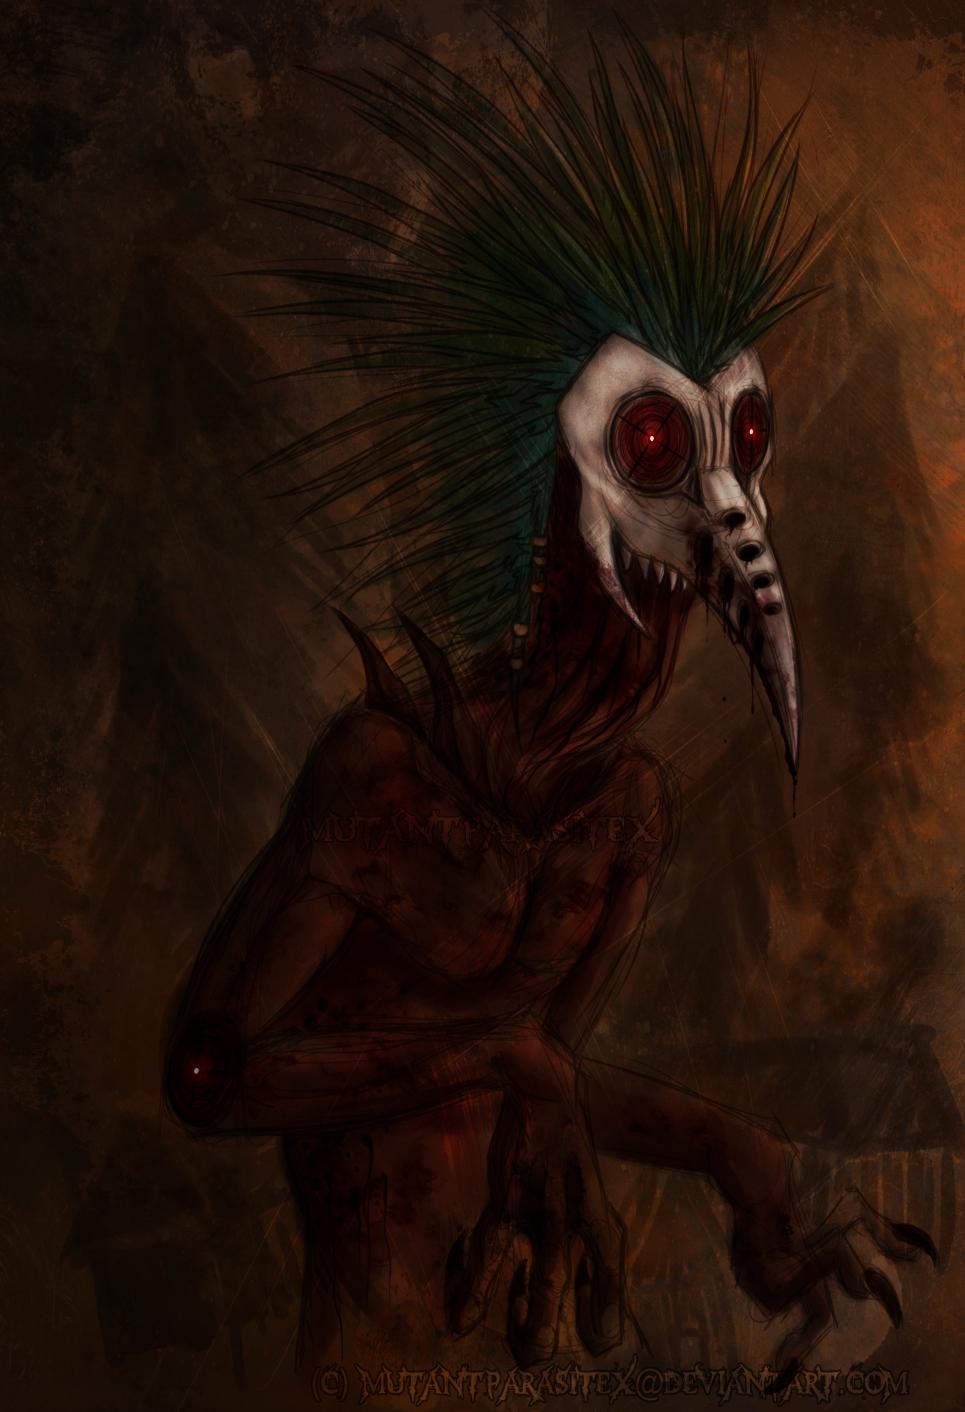 Die Blutigen Korper by MutantParasiteX